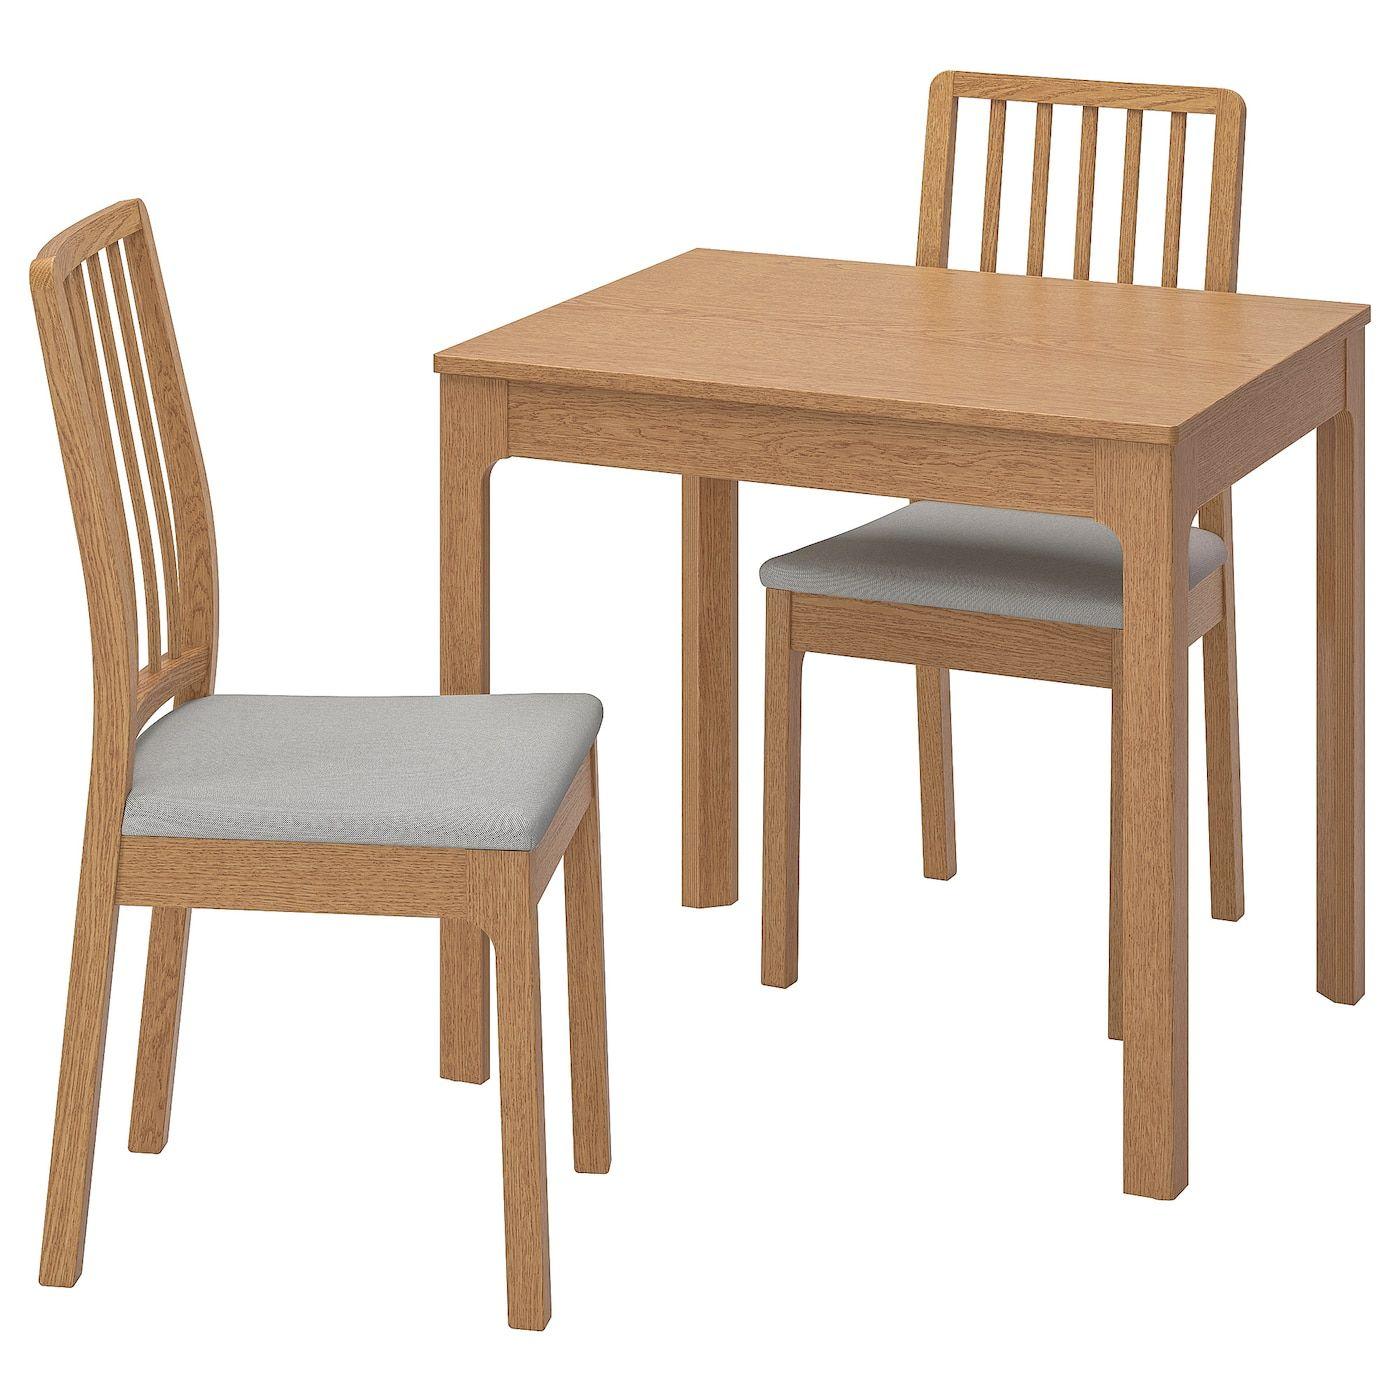 Ekedalen Ekedalen Tisch Und 2 Stuhle Eiche Orrsta Hellgrau